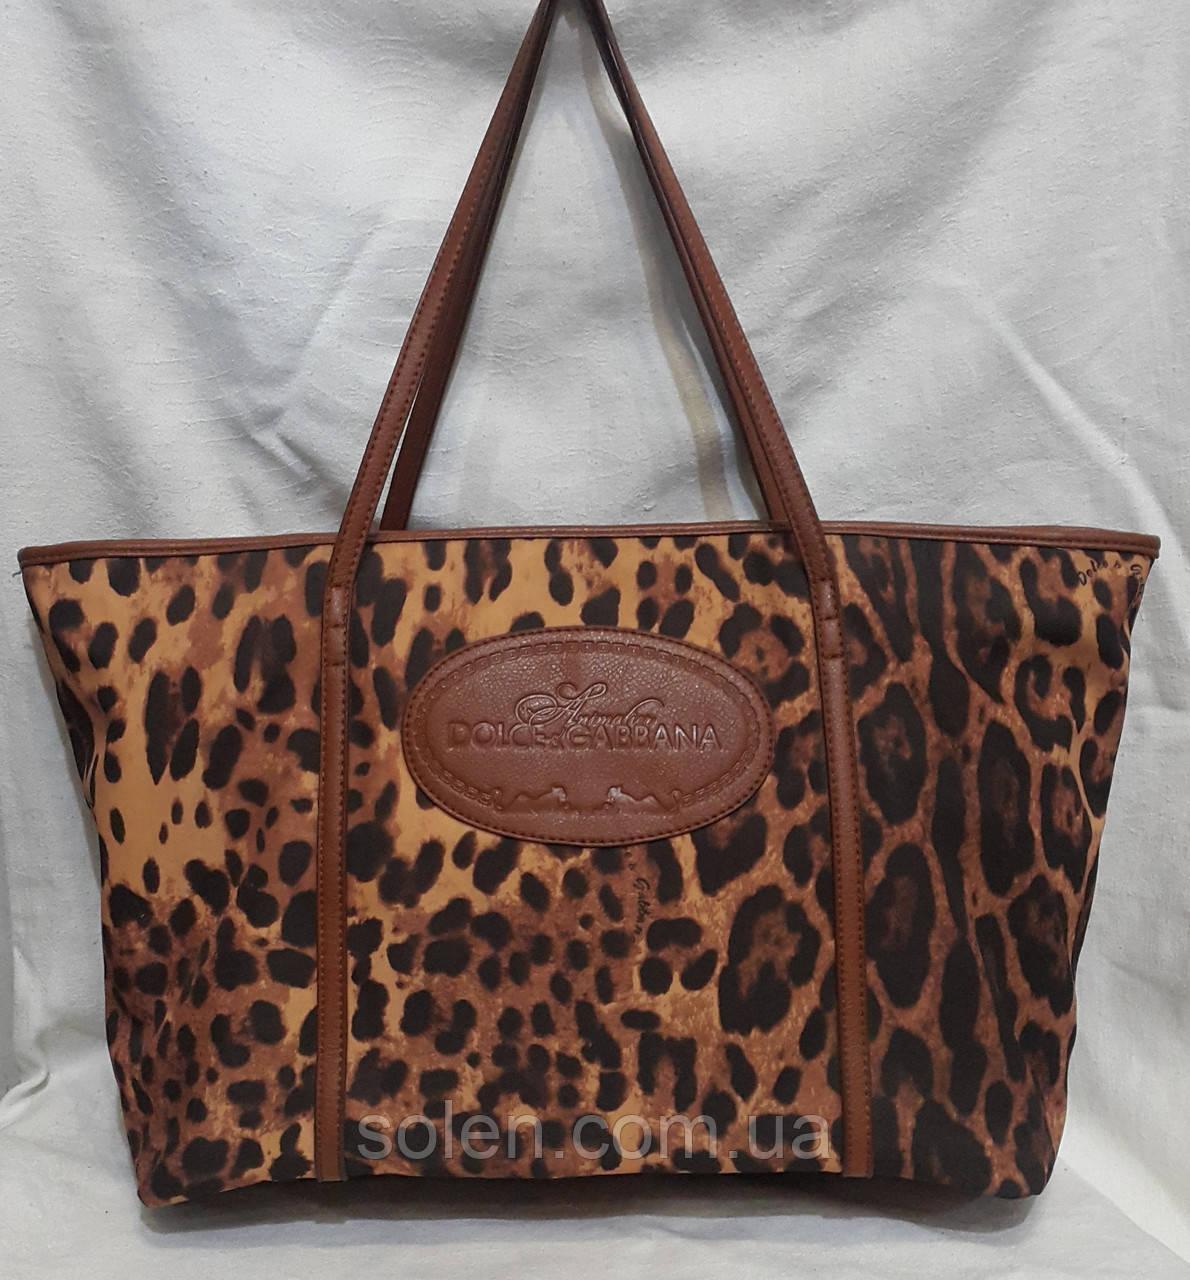 Стильная леопардовая  сумка из ткани. Женская сумка.